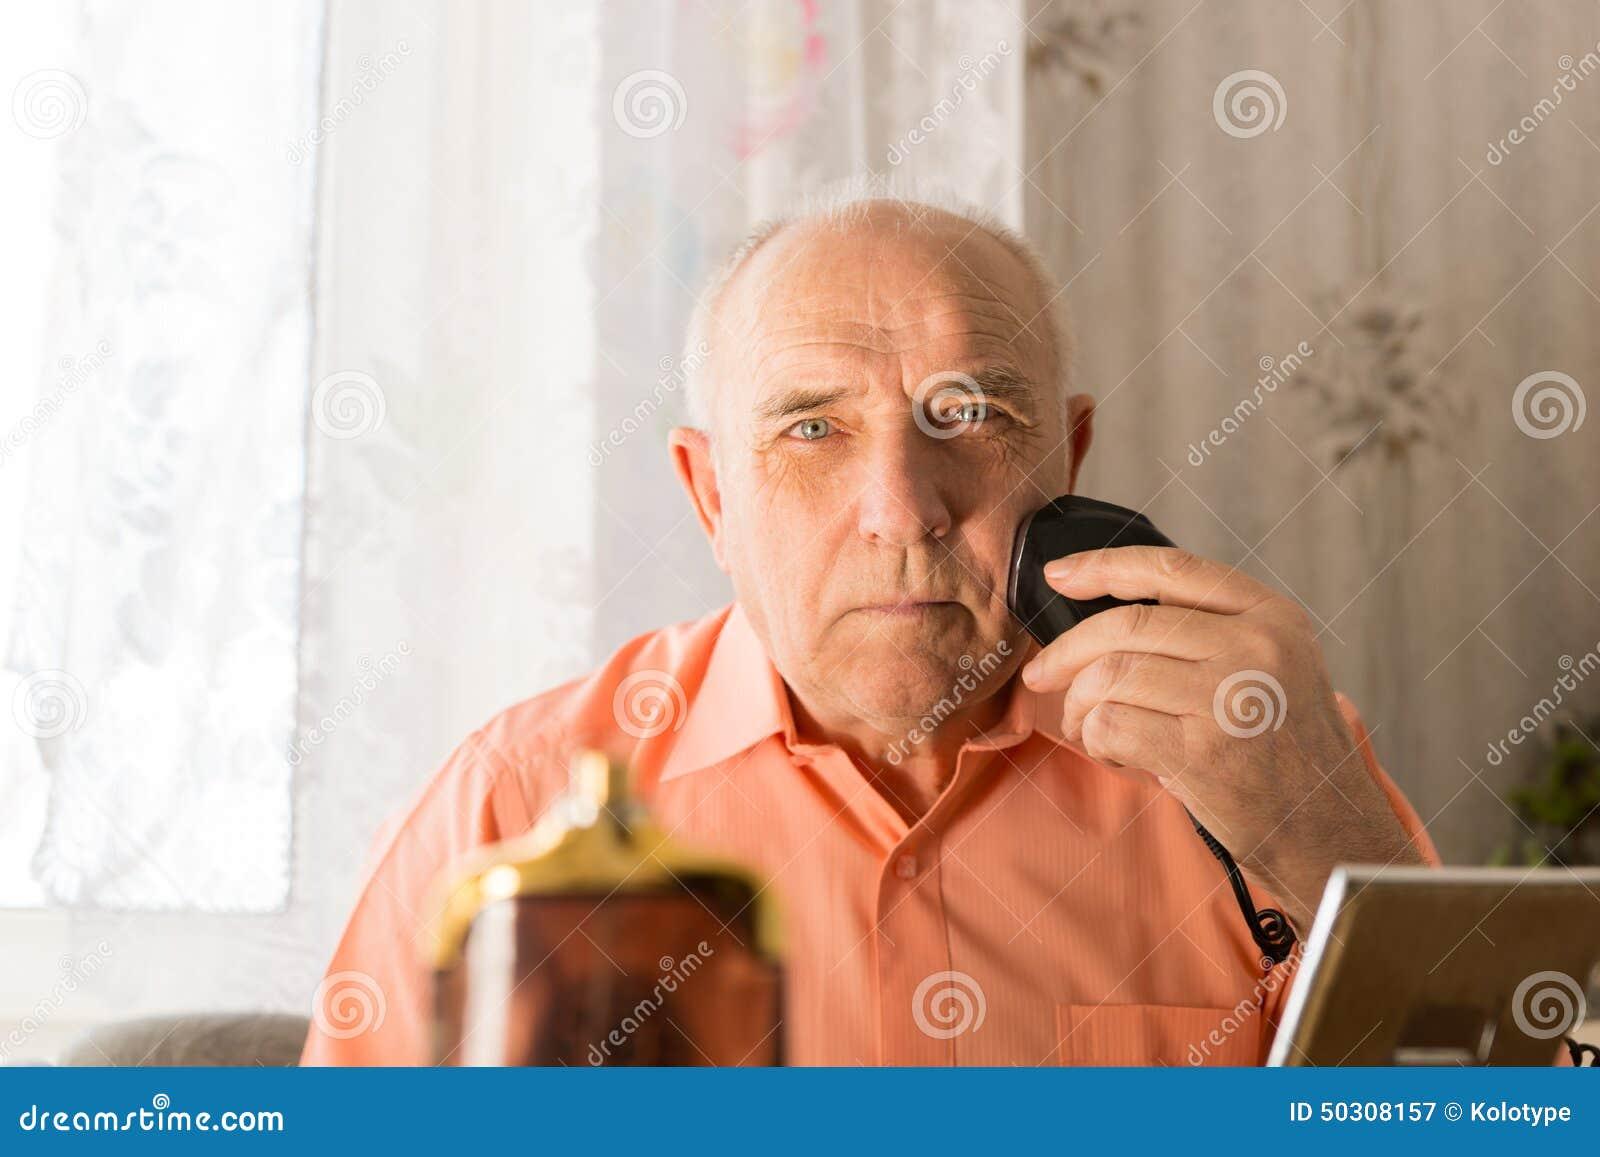 刮在面孔的老人头发与电剃刀图片